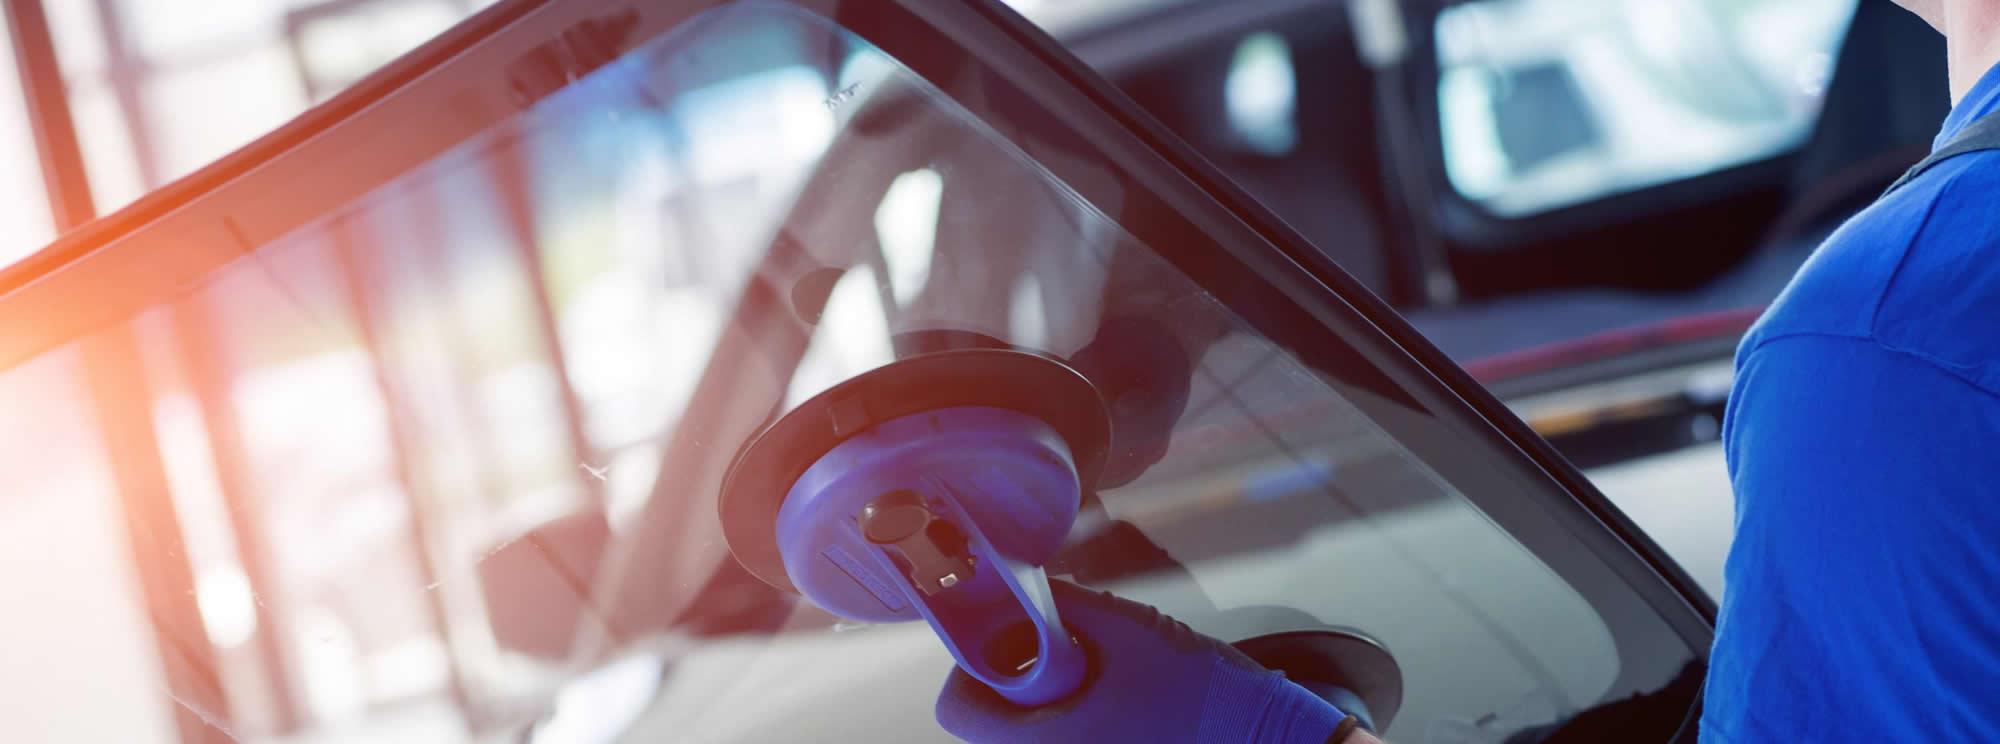 Sostituzione vetro e cristalli auto